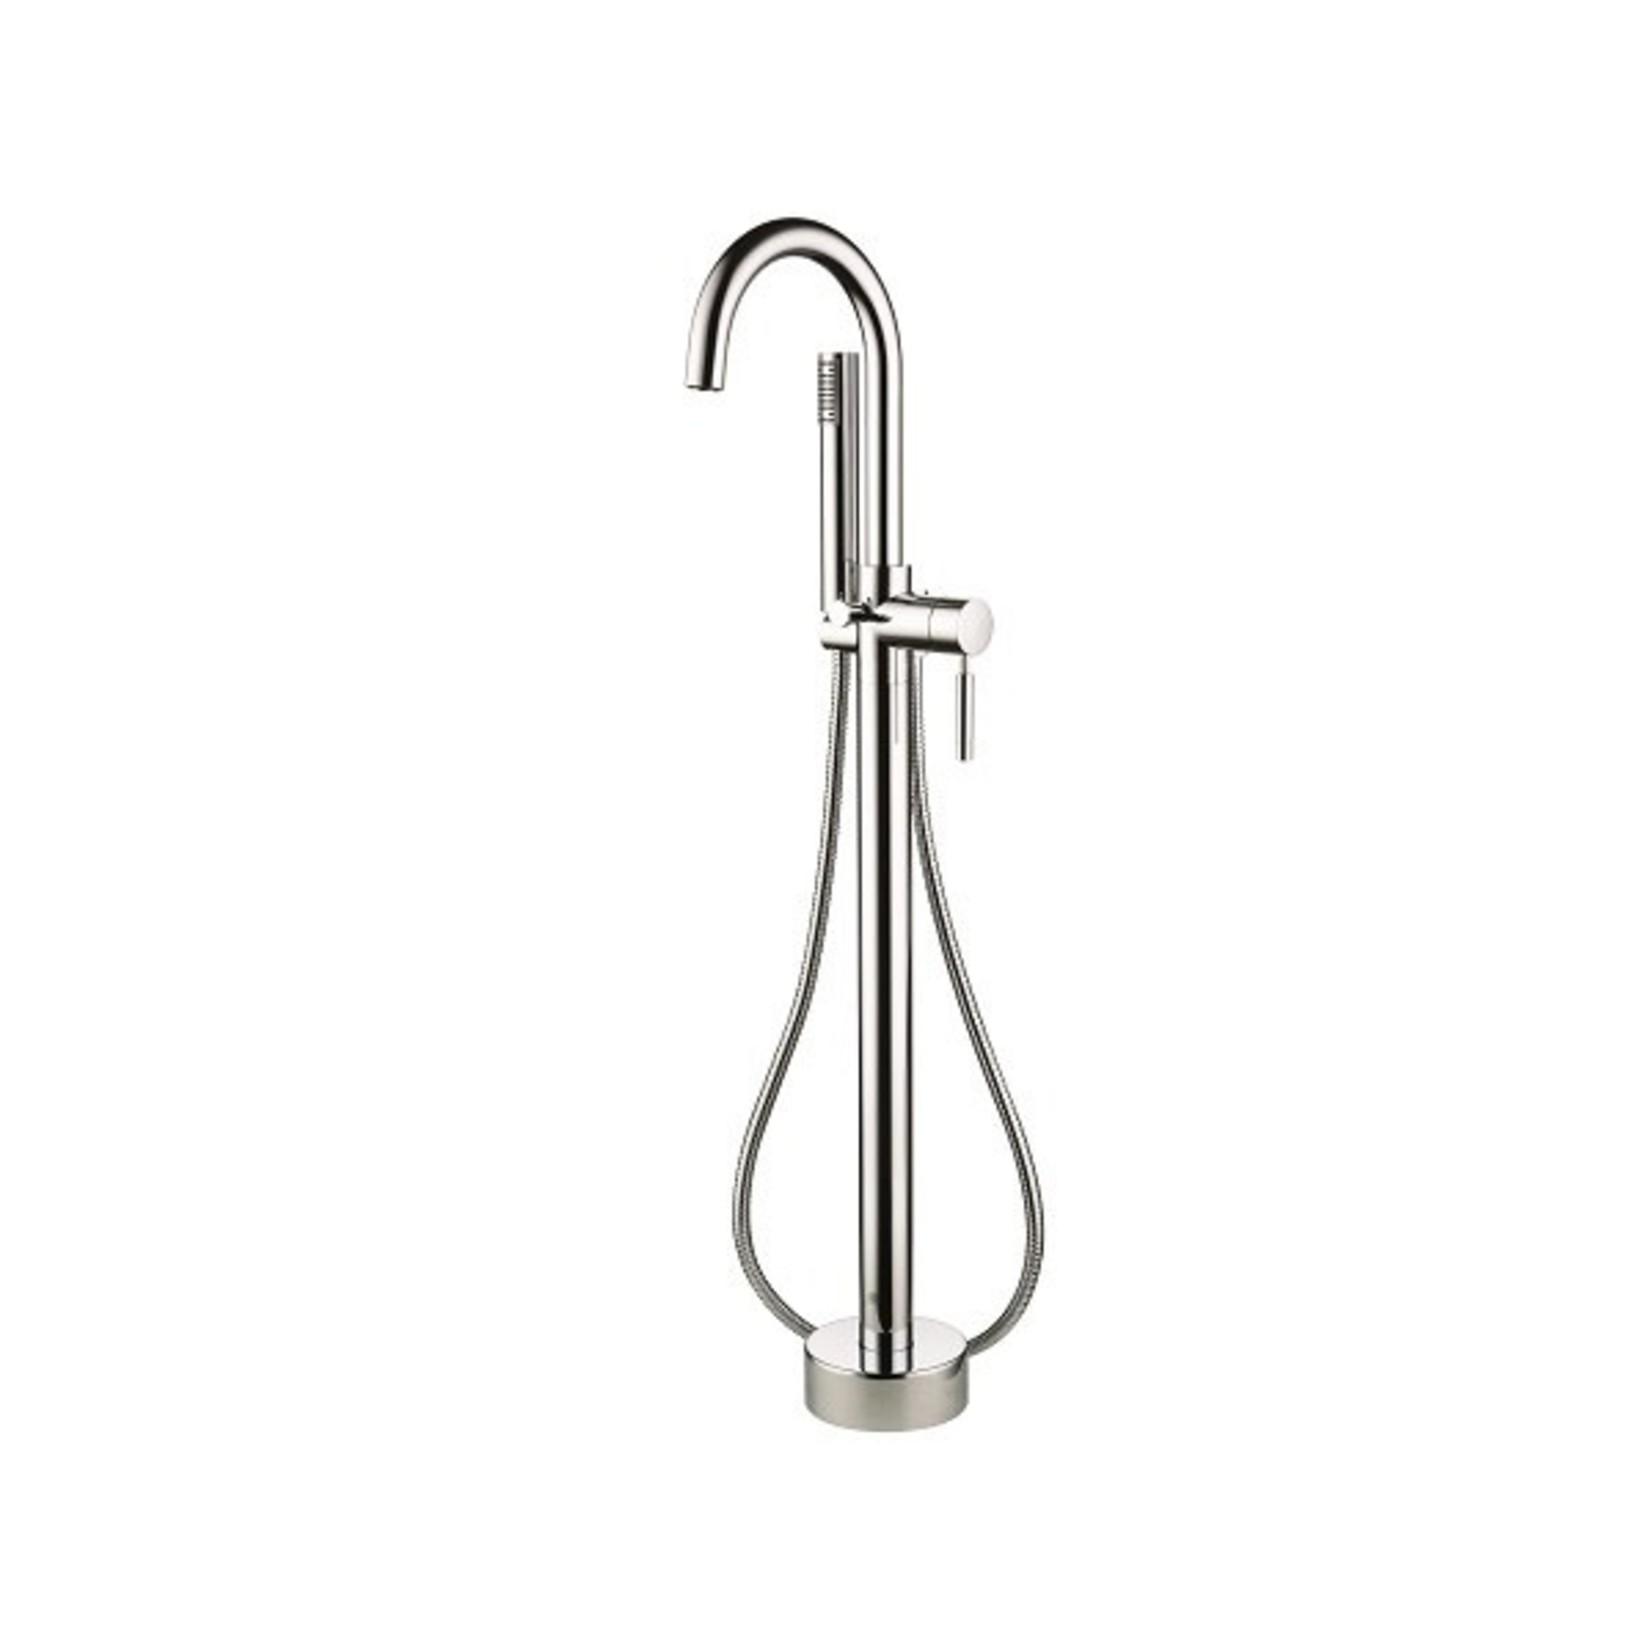 Robinet de bain sur pied chrome collection Elyn NRD-S123-01